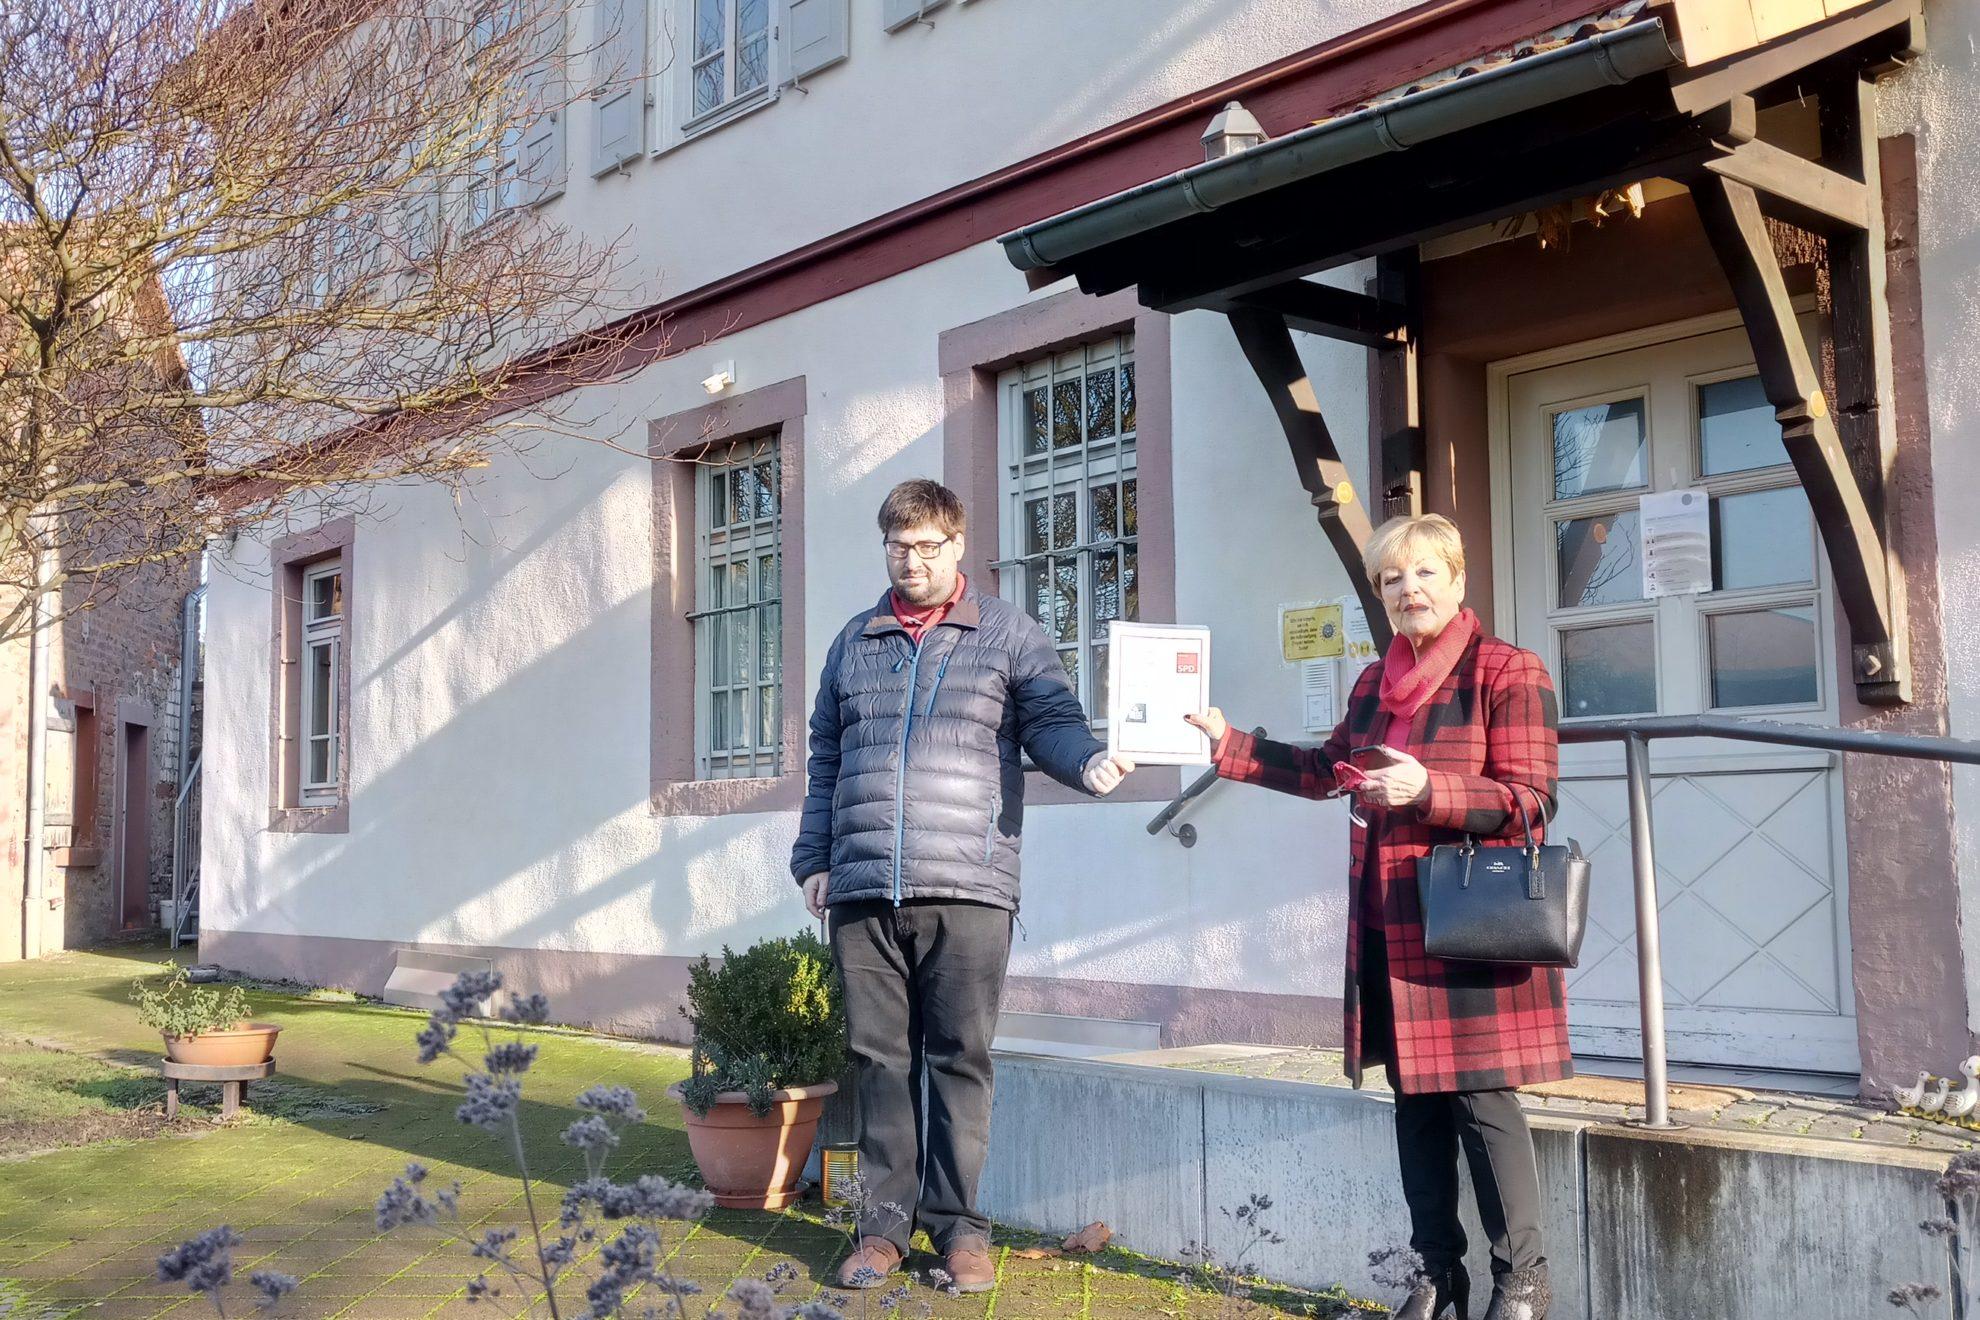 Spitzenkandidatin Beate Funck überreicht das Wahlprogramm in einfacher Sprache an die Lebenshilfe